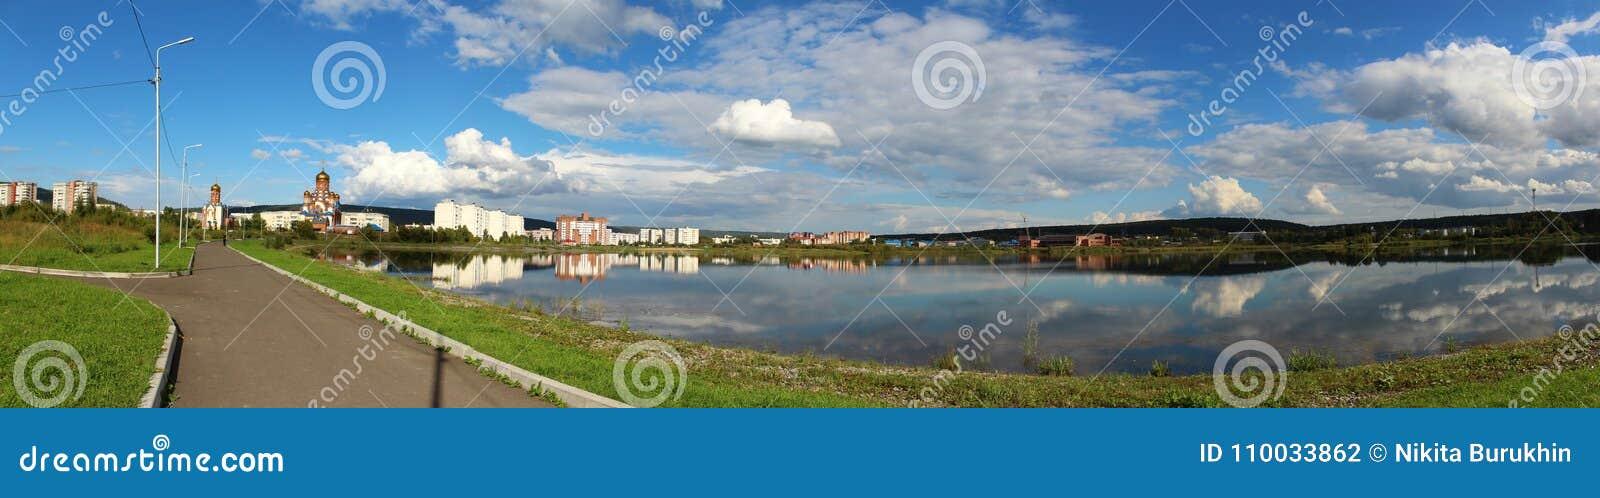 Panorama van de stad van Zelenogorsk, Krasnoyarsk-gebied